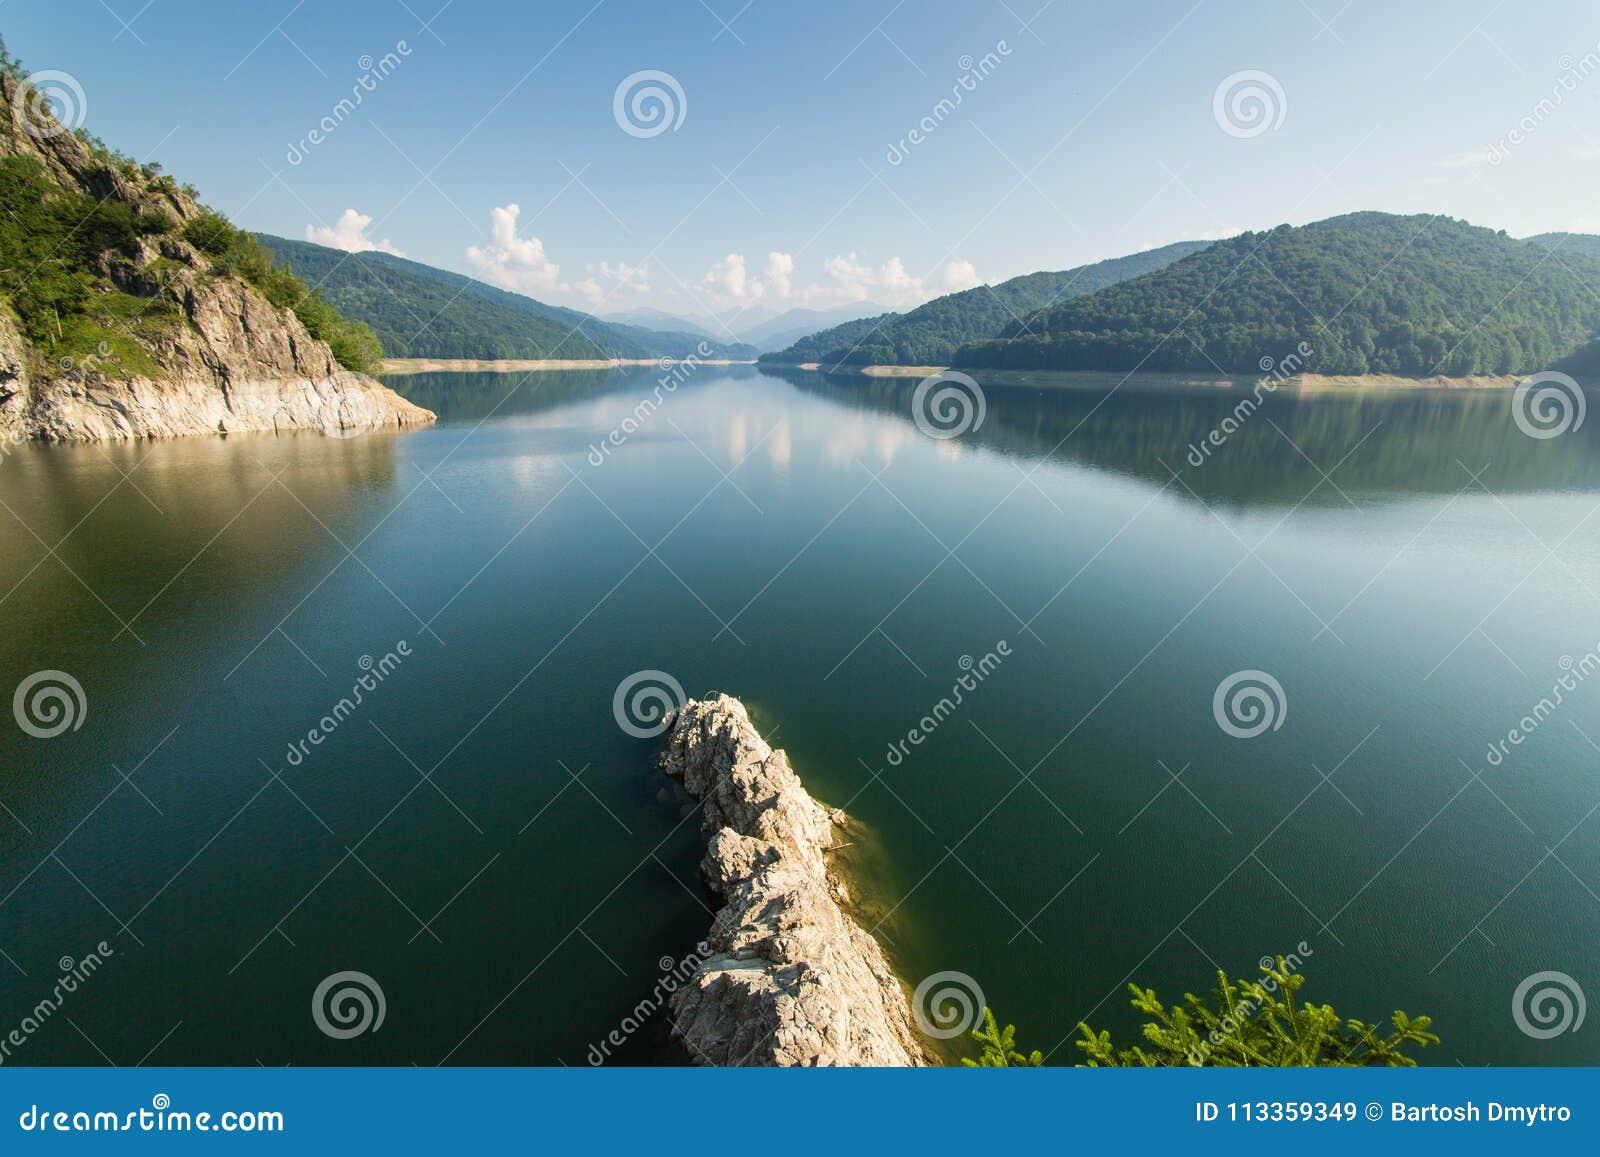 Paysage roumain célèbre : Lac Vidraru dam, en Roumanie